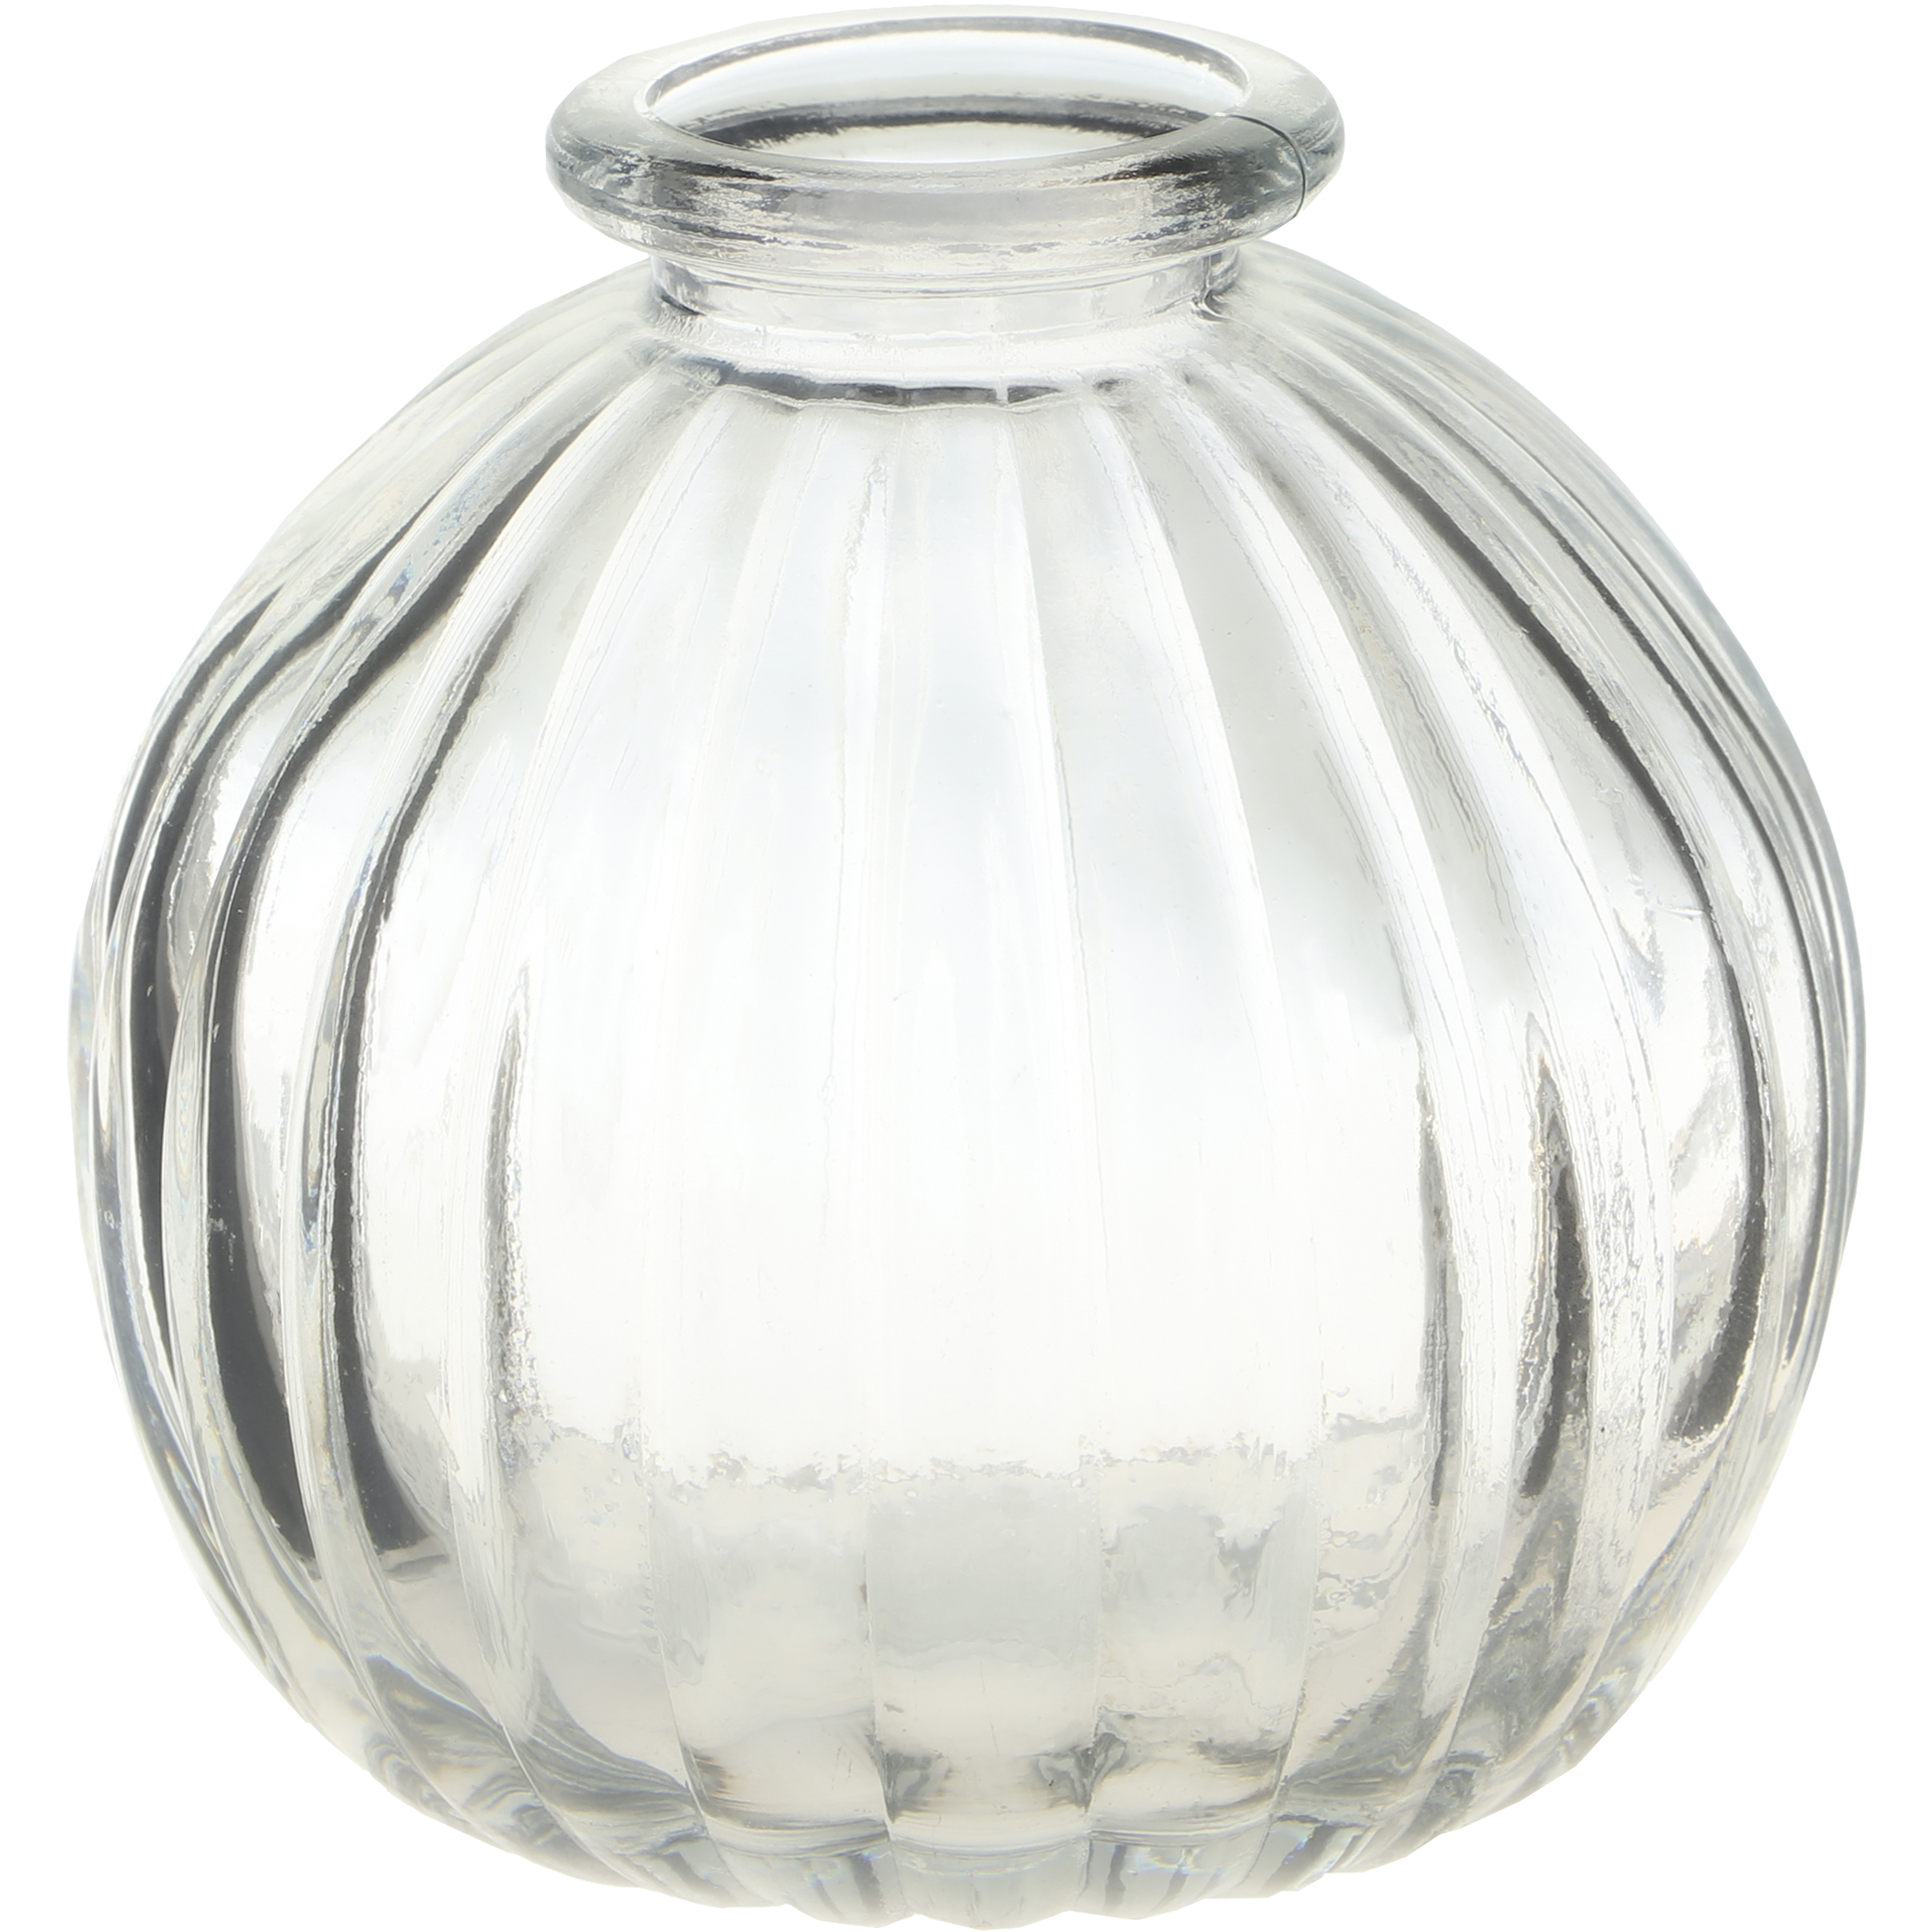 Ваза стеклянная Hakbijl Glass Mini Vase прозрачная 8,5х8 см